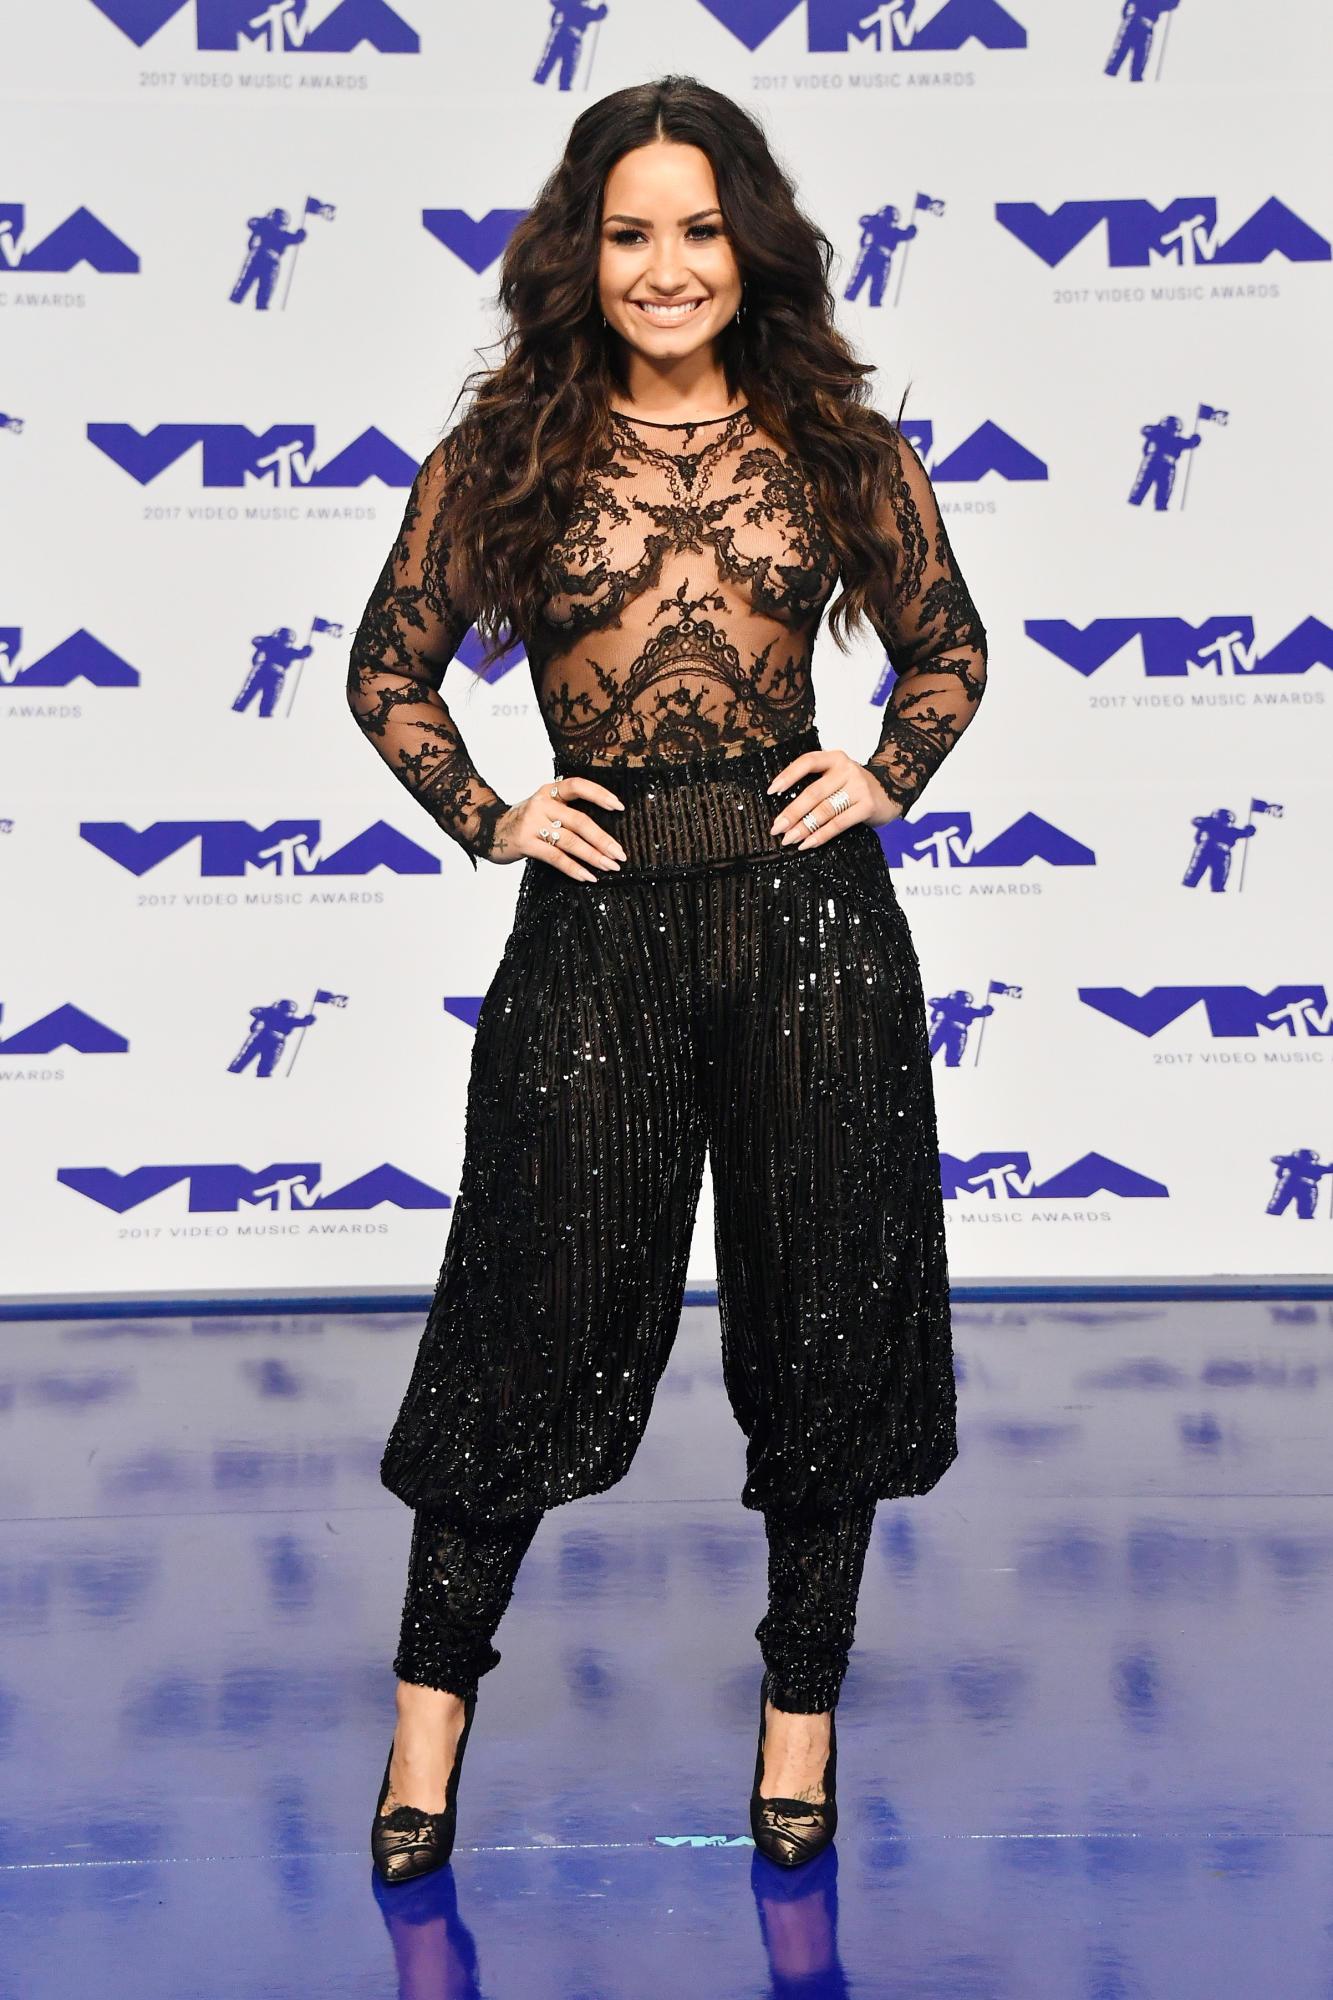 """Demi Lovato với bộ trang phục đen tuyền của Zuhair Murad vô cùng gợi cảm và tinh tế. Áo dài tay gần như """"naked"""" với những họa tiết thêu đính đối xứng tinh xảo phối cùng quần harem đính kim sa vừa tôn được vẻ quyến rũ của Demi Lovato, vừa khắc phục được nhược điểm về chiều cao của cô."""